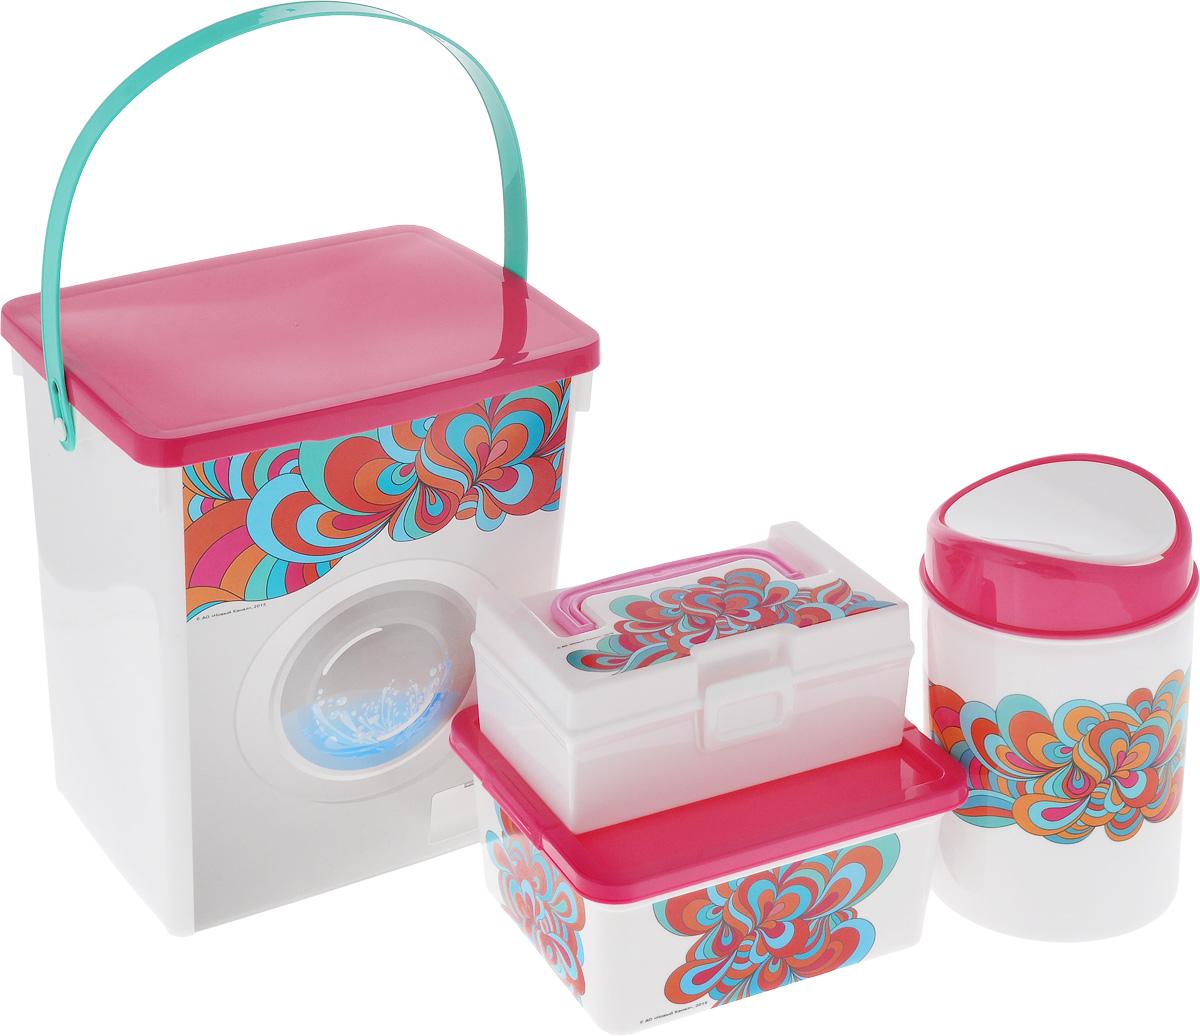 Набор контейнеров для хранения Полимербыт Домашний, цвет: белый, розовый, 4 шт. SGHPBKP42SGHPBKP42Комплект Полимербыт Домашний подходит для хранения различных предметов, изготовлен из качественного пластика и оформлен принтом с узорами. Комплект включает в себя четыре предмета: контейнер для мусора, контейнер для мелочей с удобной пластиковой ручкой и вкладышем, коробка для мелочей и один контейнер для стирального порошка . Многофункциональный комплект, пригодится в быту для любых случаев. Удобные в использовании и хранении. Объём контейнера для мусора: 1,6 л.Объём контейнера для мелочей: 0,8 л. Объём коробки для мелочей: 1,9 л. Объём контейнера для стирального порошка: 8,5 л.